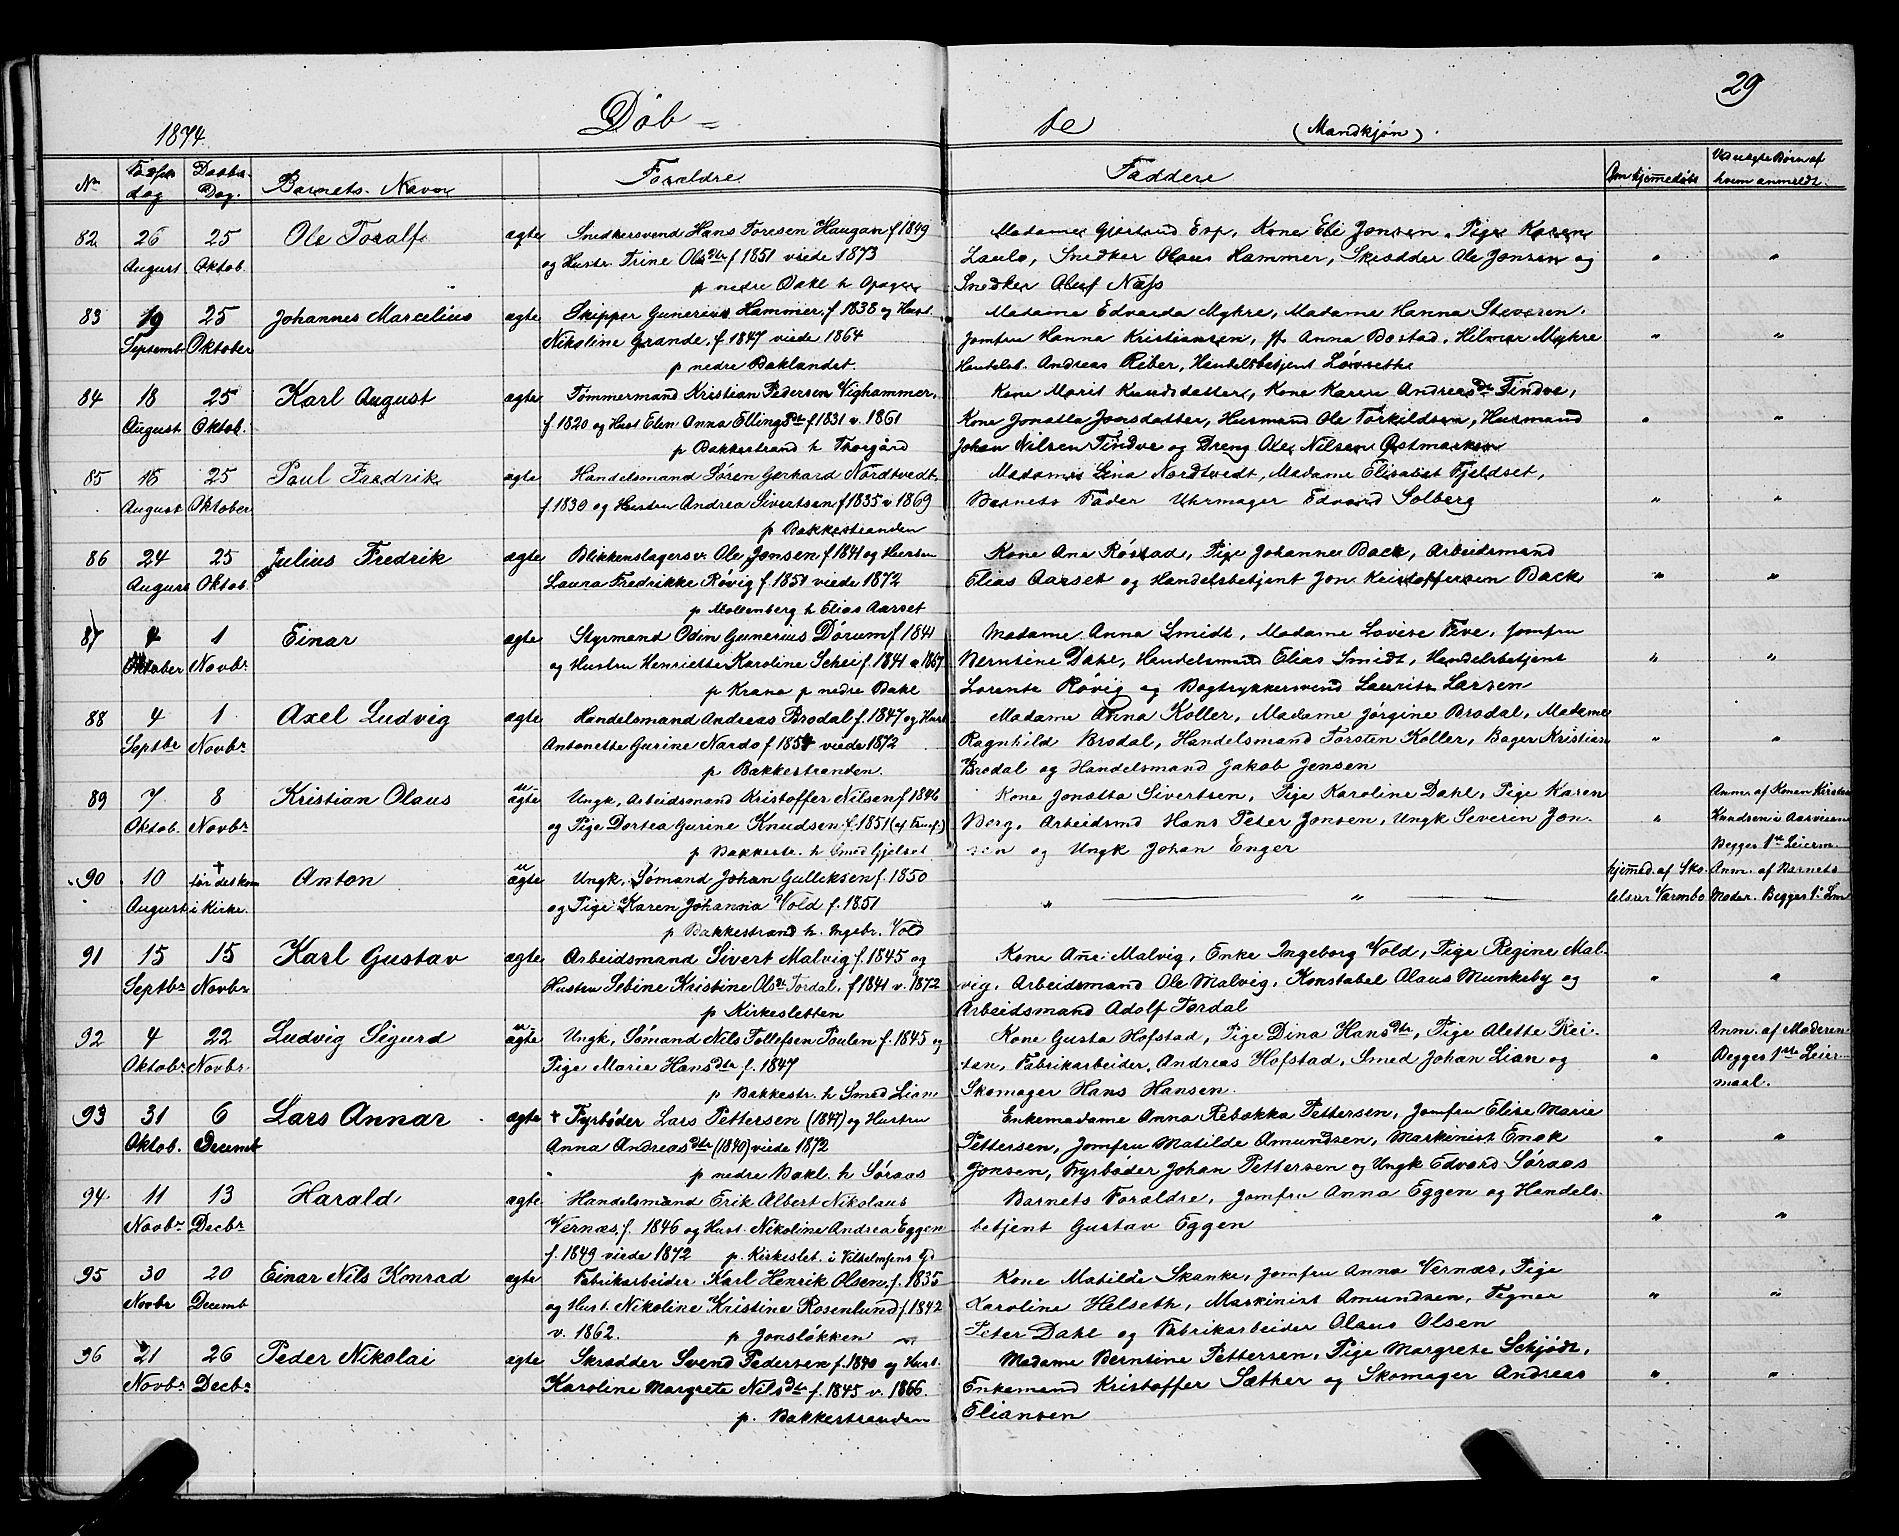 SAT, Ministerialprotokoller, klokkerbøker og fødselsregistre - Sør-Trøndelag, 604/L0220: Klokkerbok nr. 604C03, 1870-1885, s. 29